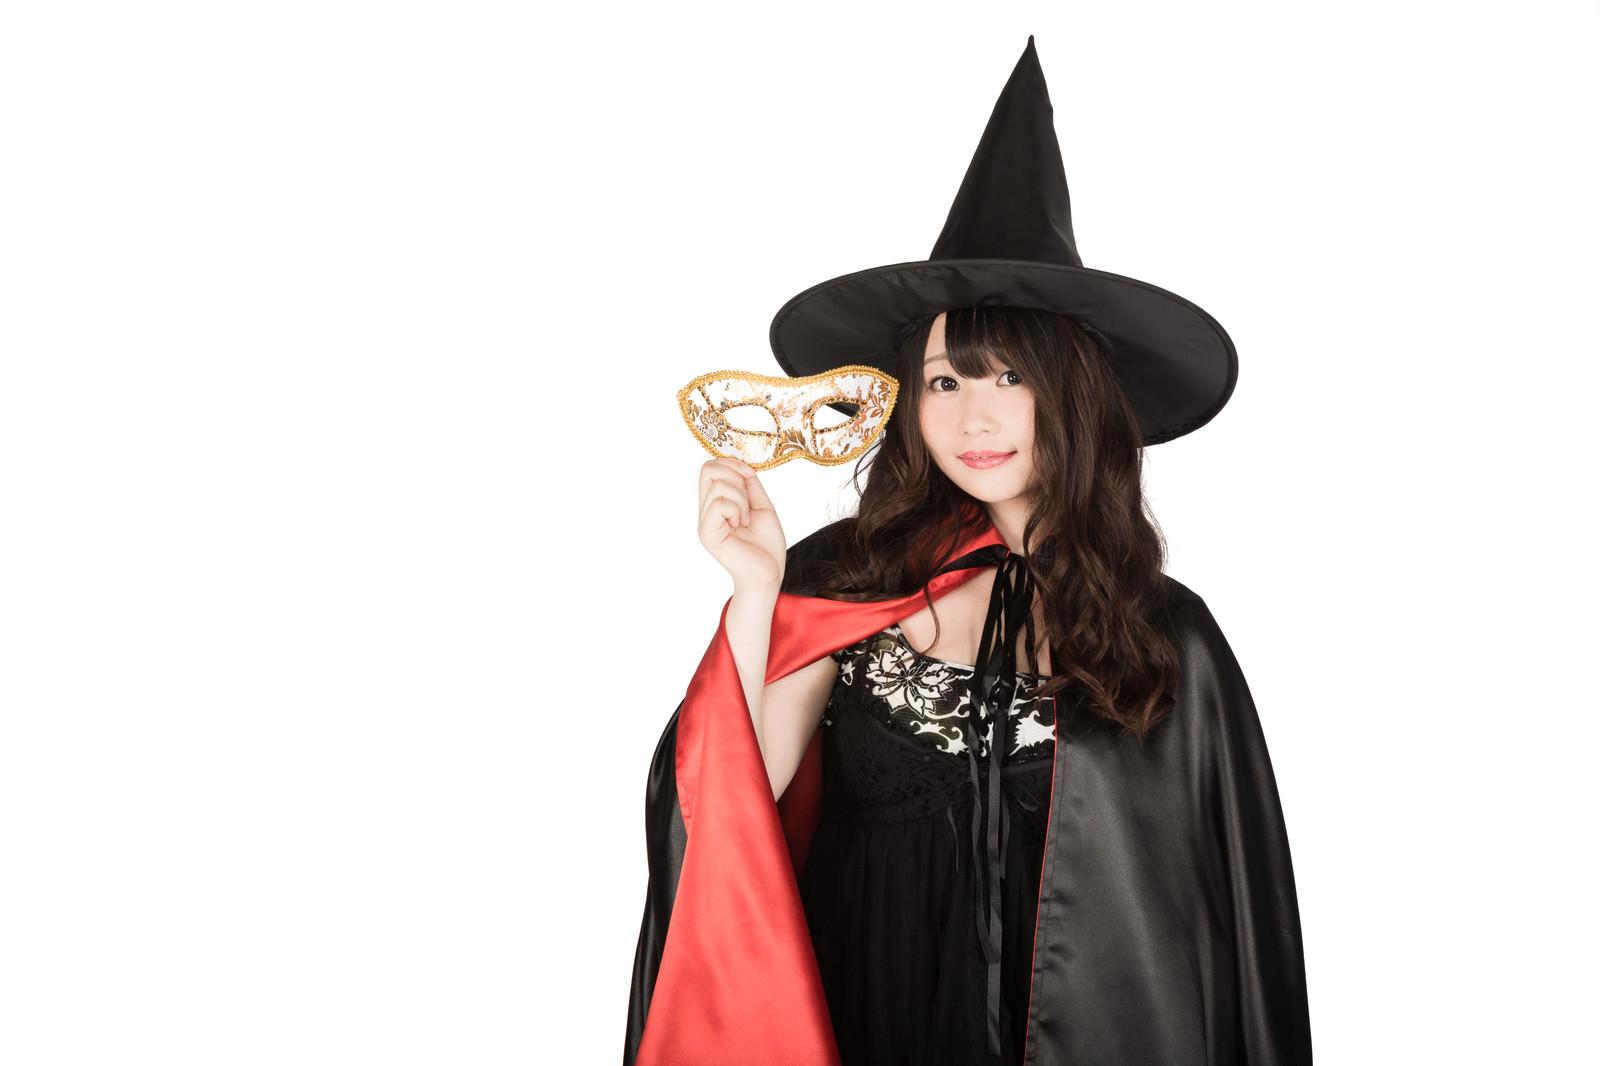 「仮装用マスクを外した魔女(ハロウィン)仮装用マスクを外した魔女(ハロウィン)」[モデル:茜さや]のフリー写真素材を拡大